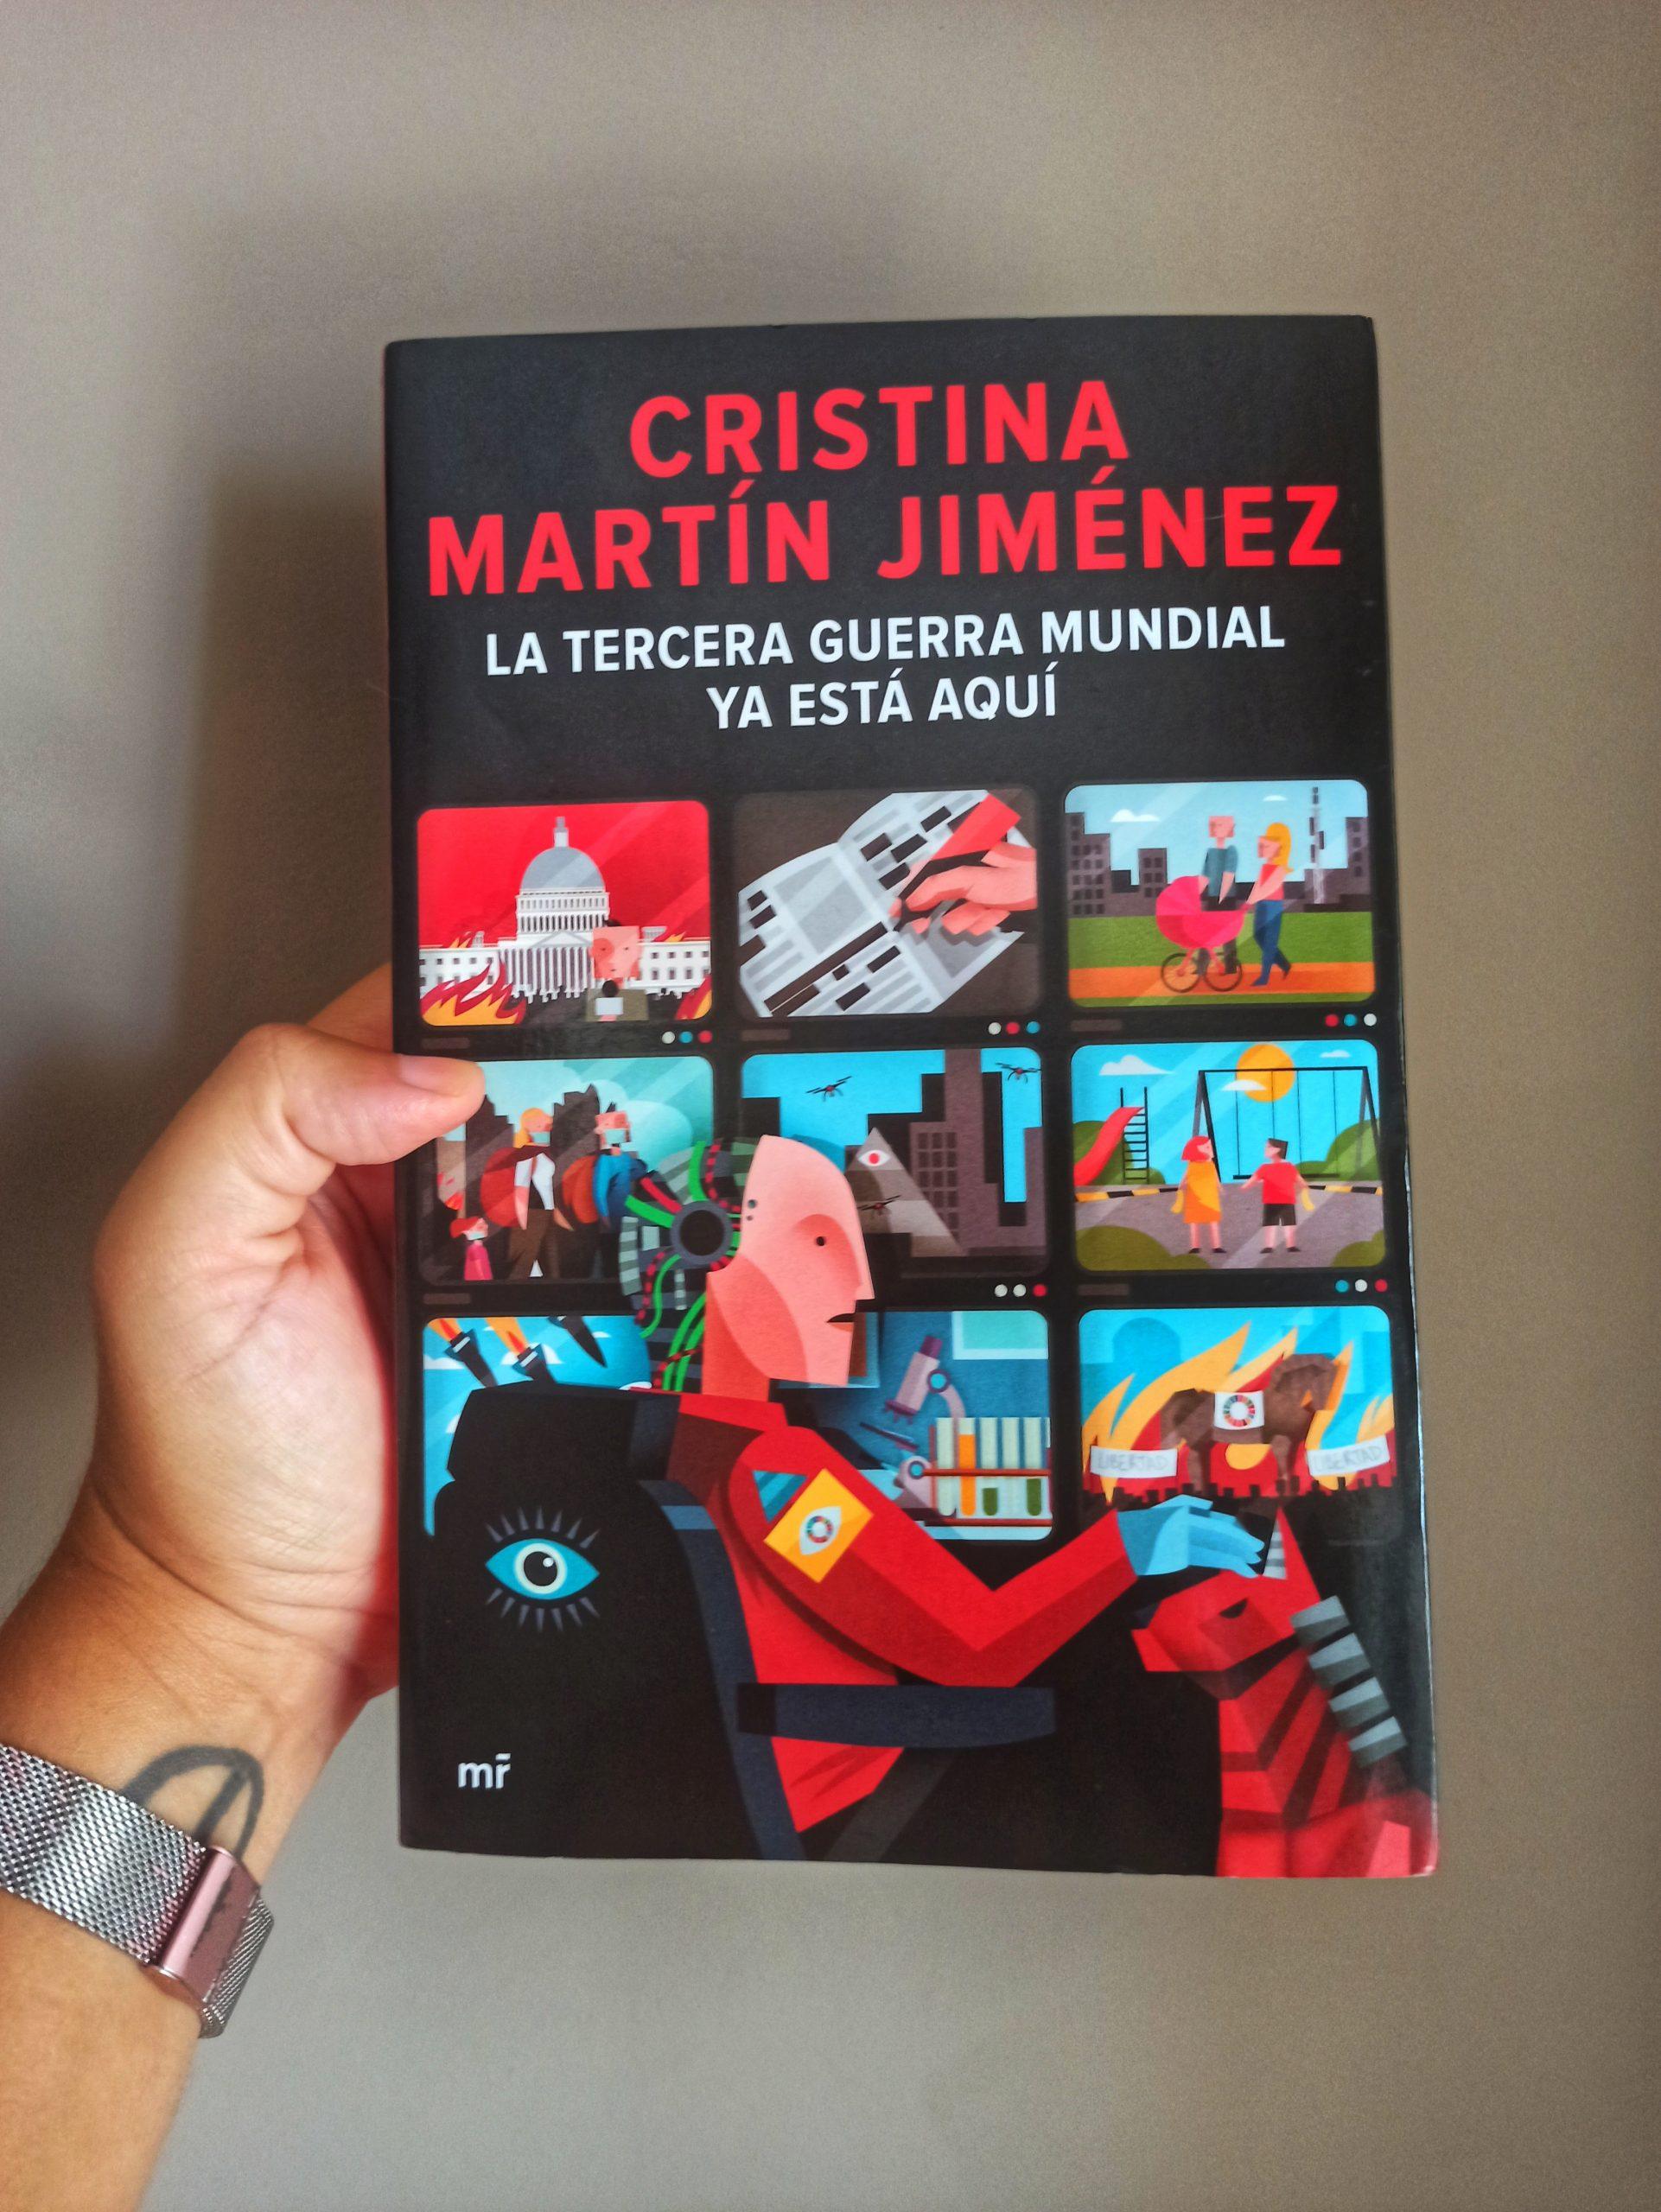 LA TERCERA GUERRA MUNDIAL YA ESTÁ AQUÍ, de Cristina Martín Jiménez.